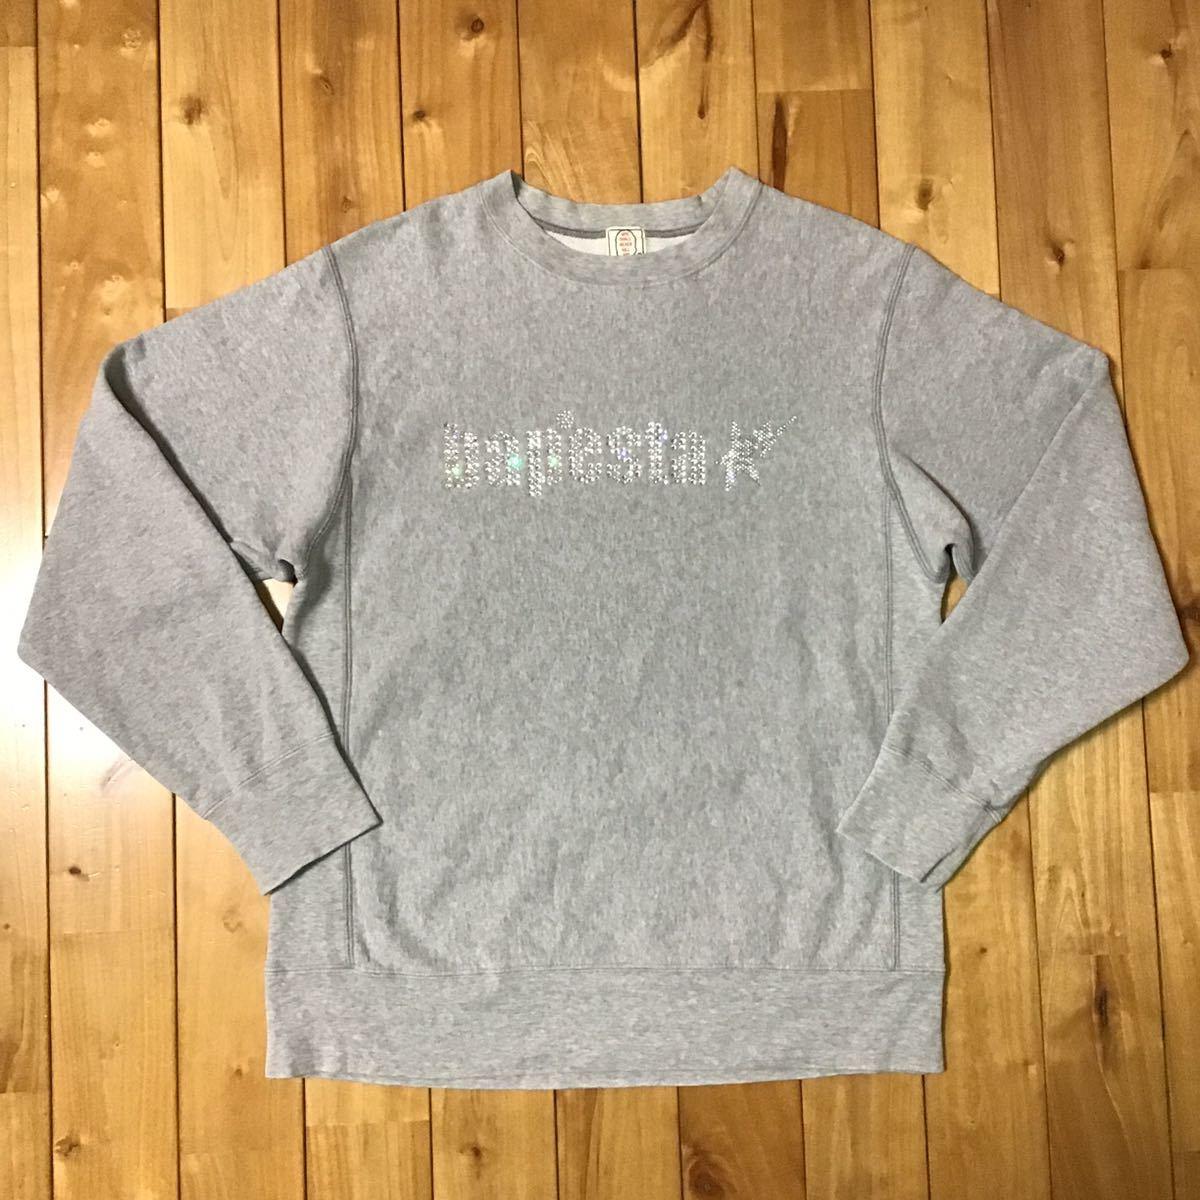 スワロフスキー 長袖 スウェット Sサイズ a bathing ape swarovski BAPE logo sweat エイプ ベイプ アベイシングエイプ ラインストーン 632